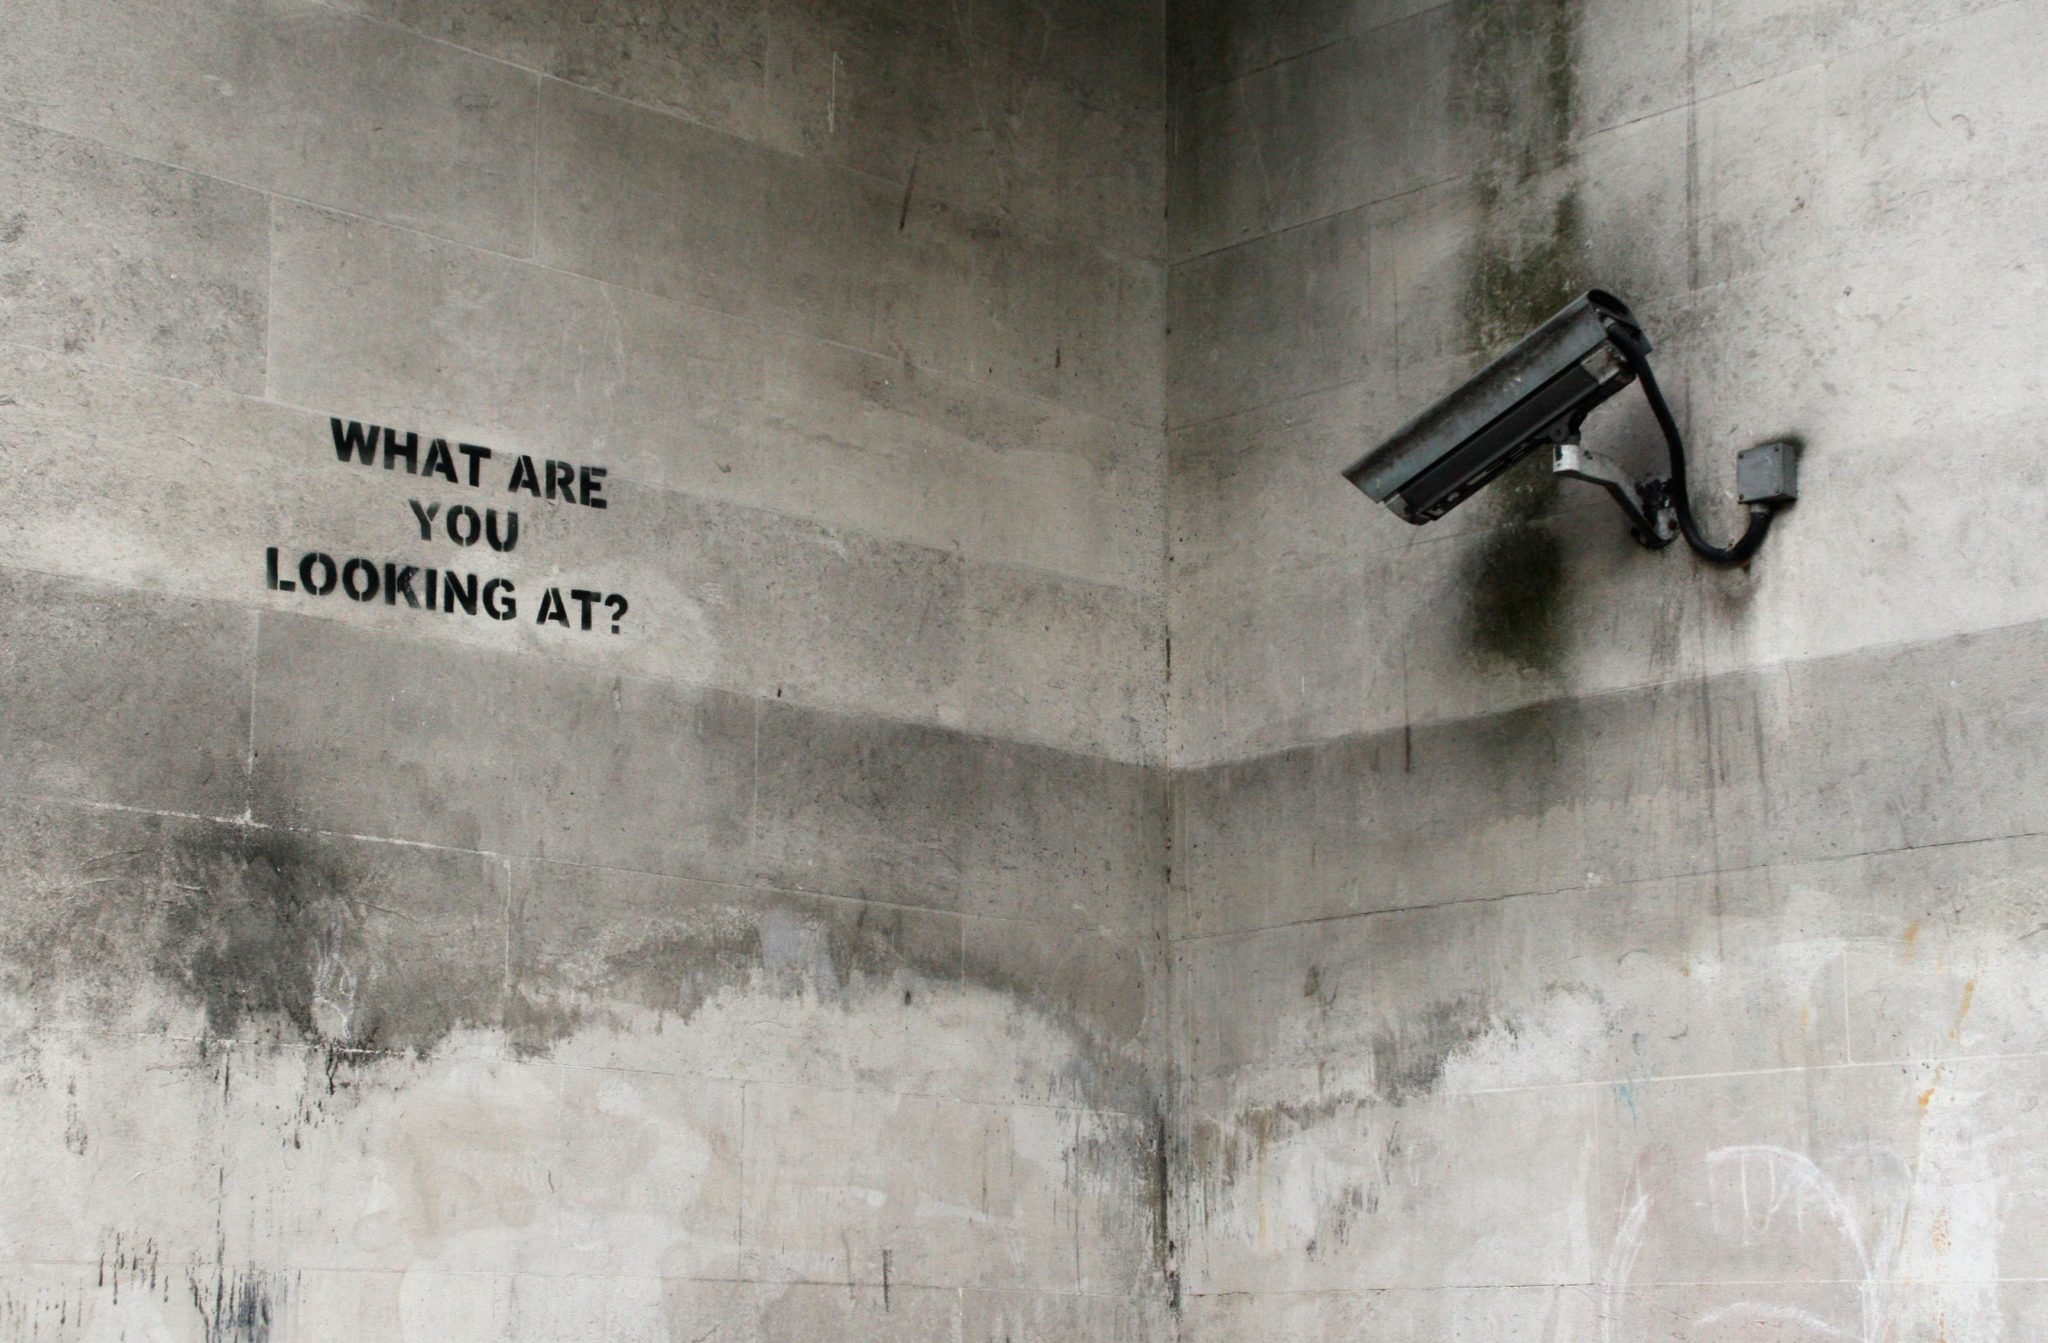 Camera directed at a wall